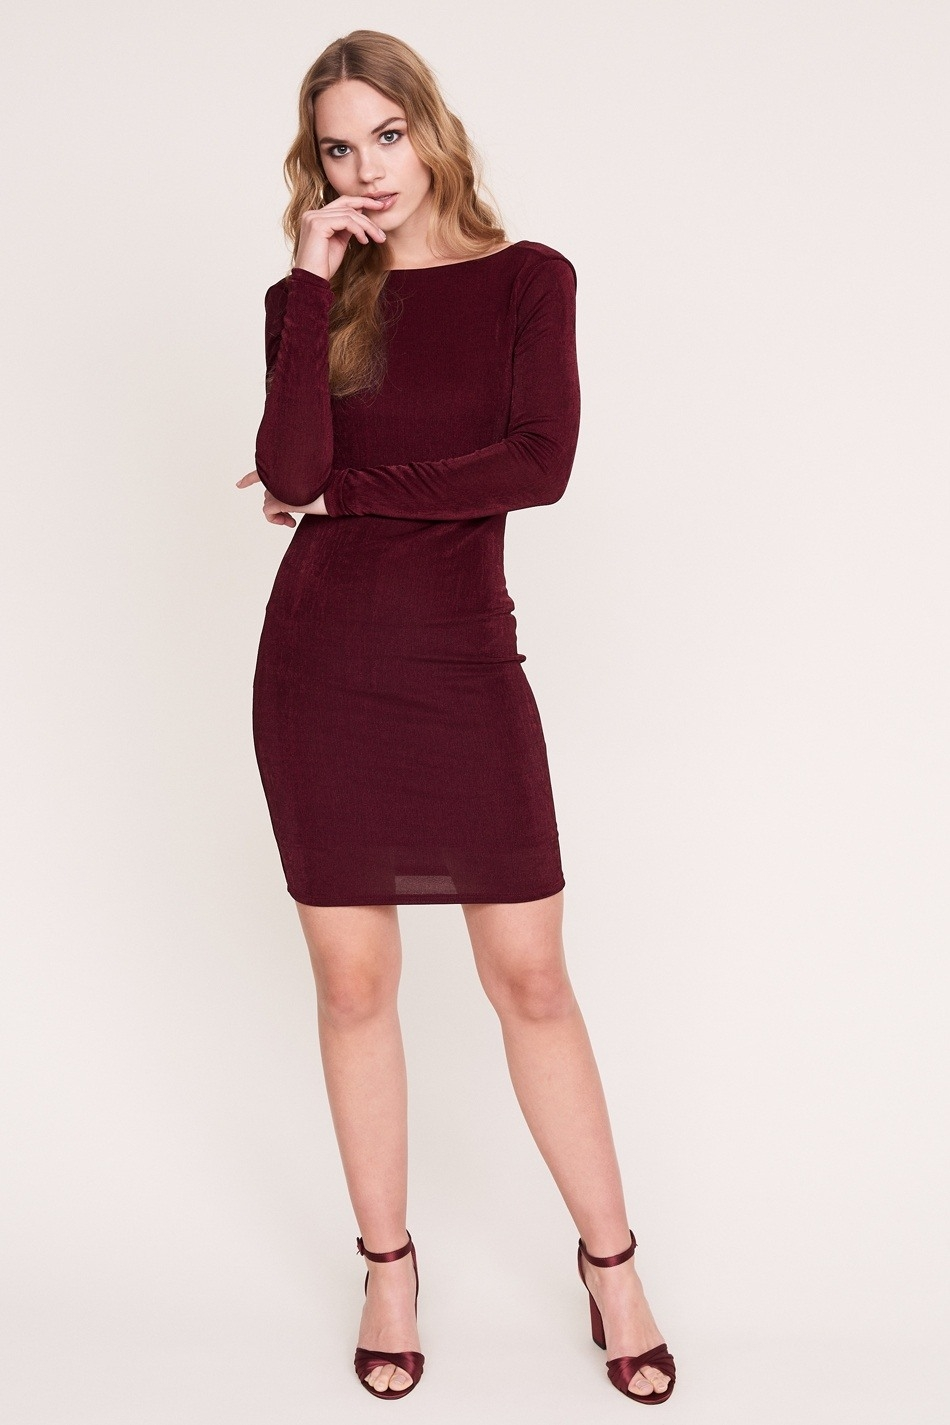 Erstaunlich Kleid Rückenfrei Spezialgebiet15 Genial Kleid Rückenfrei Vertrieb